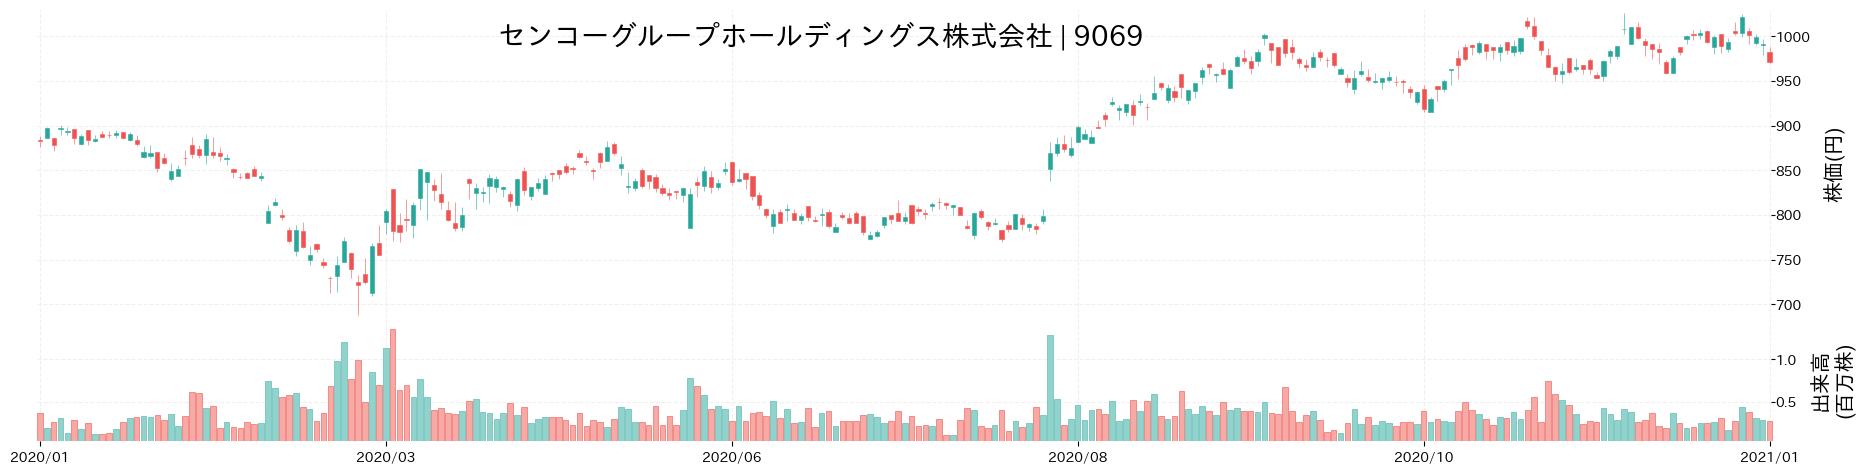 センコーグループホールディングス株式会社の株価推移(2020)